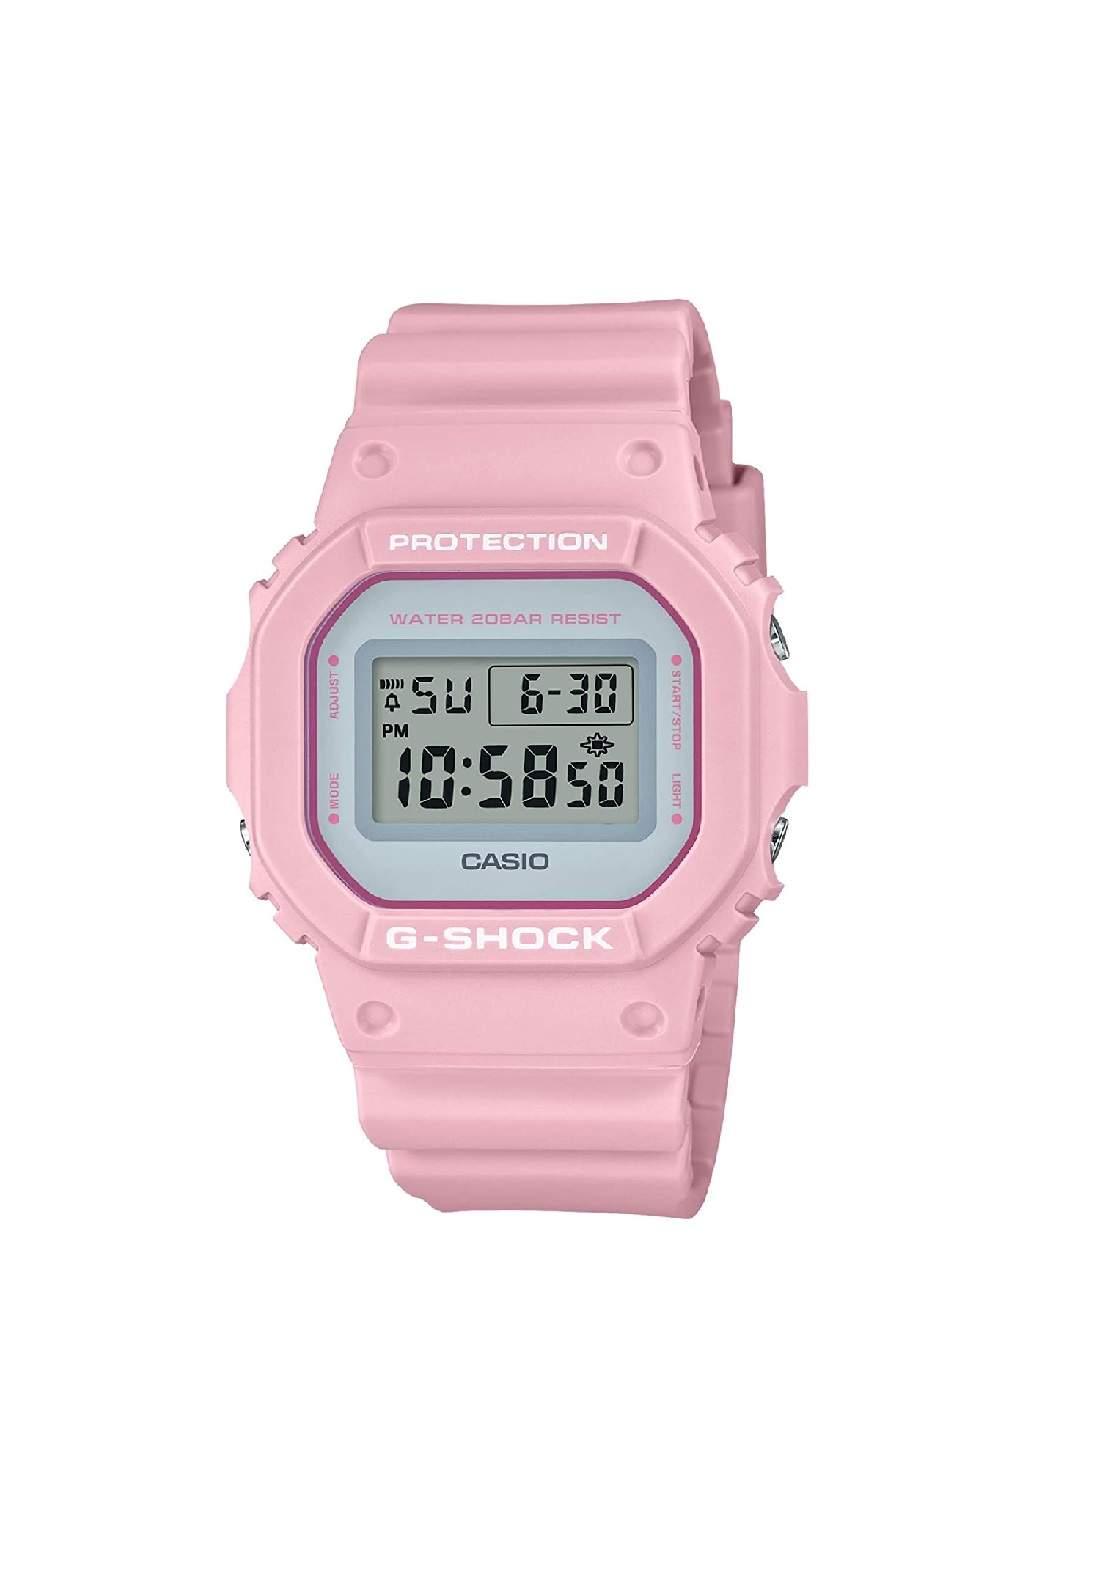 ساعة نسائية رياضية Casio DW-5600SC-4DR وردية اللون